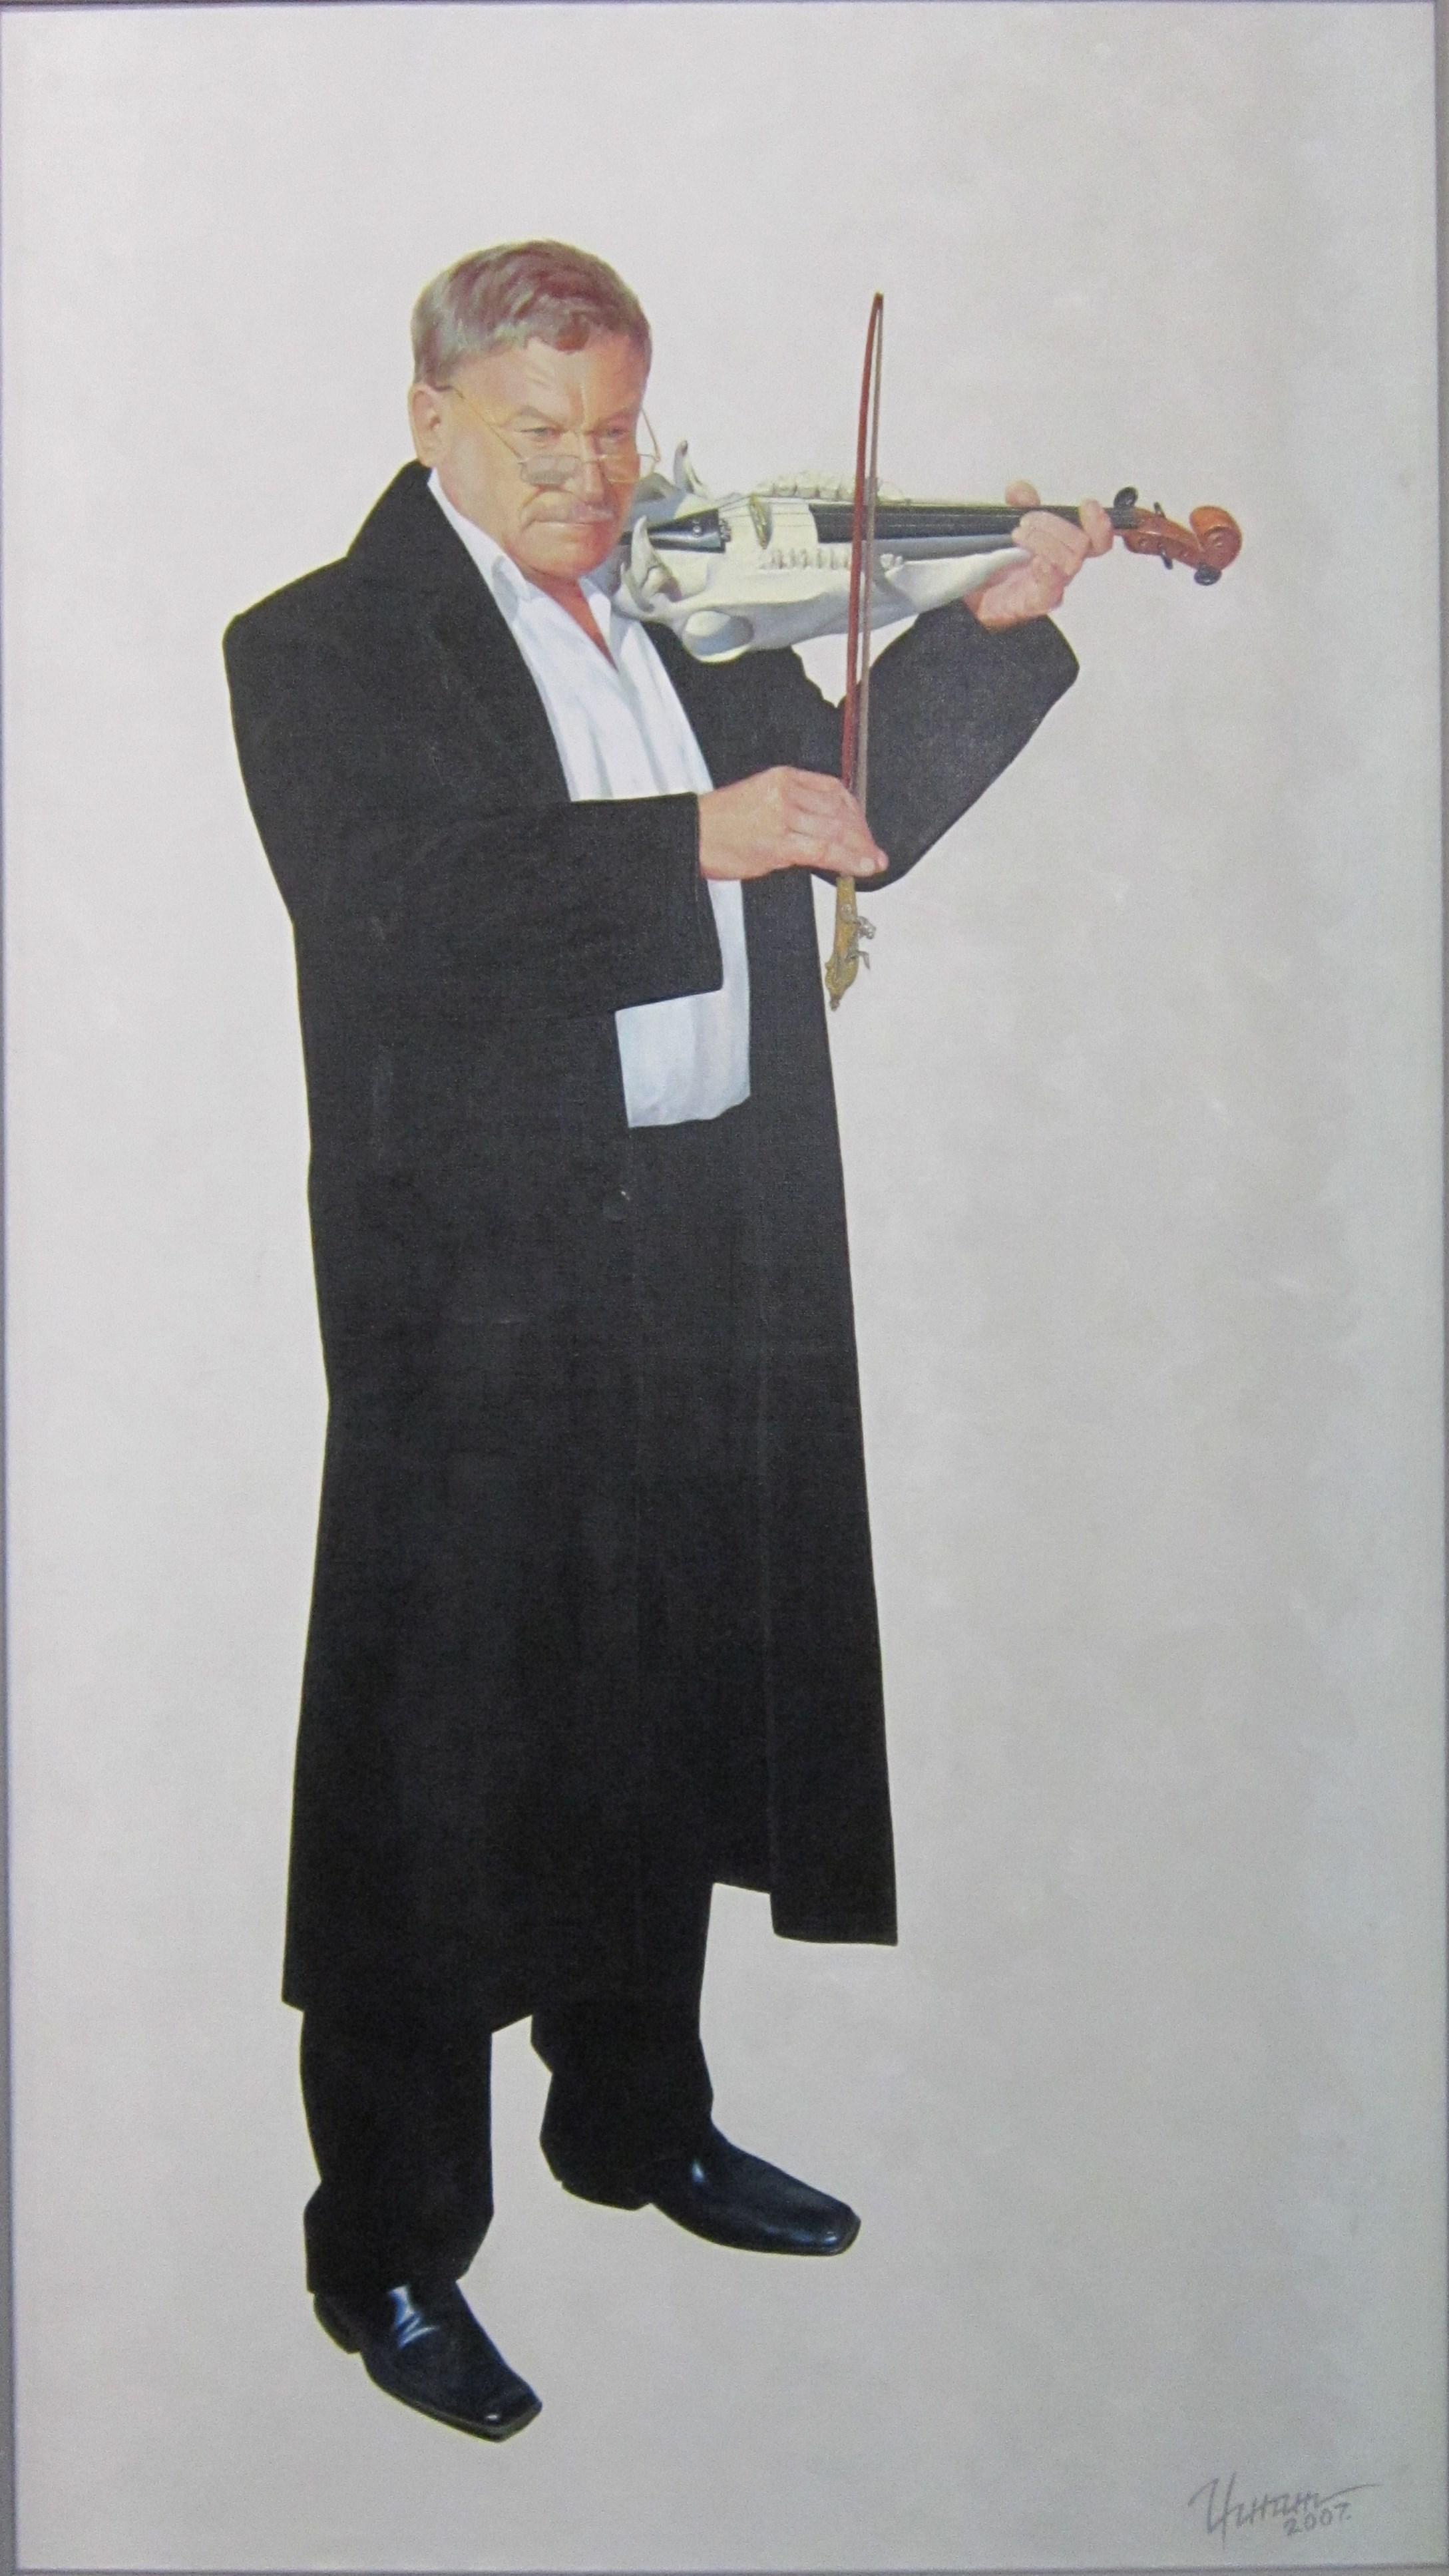 """Олег Валентинович Игнатов (1964 г.р.). """"Начало. Народный артист России Н. Сорокин"""". 2007 год."""